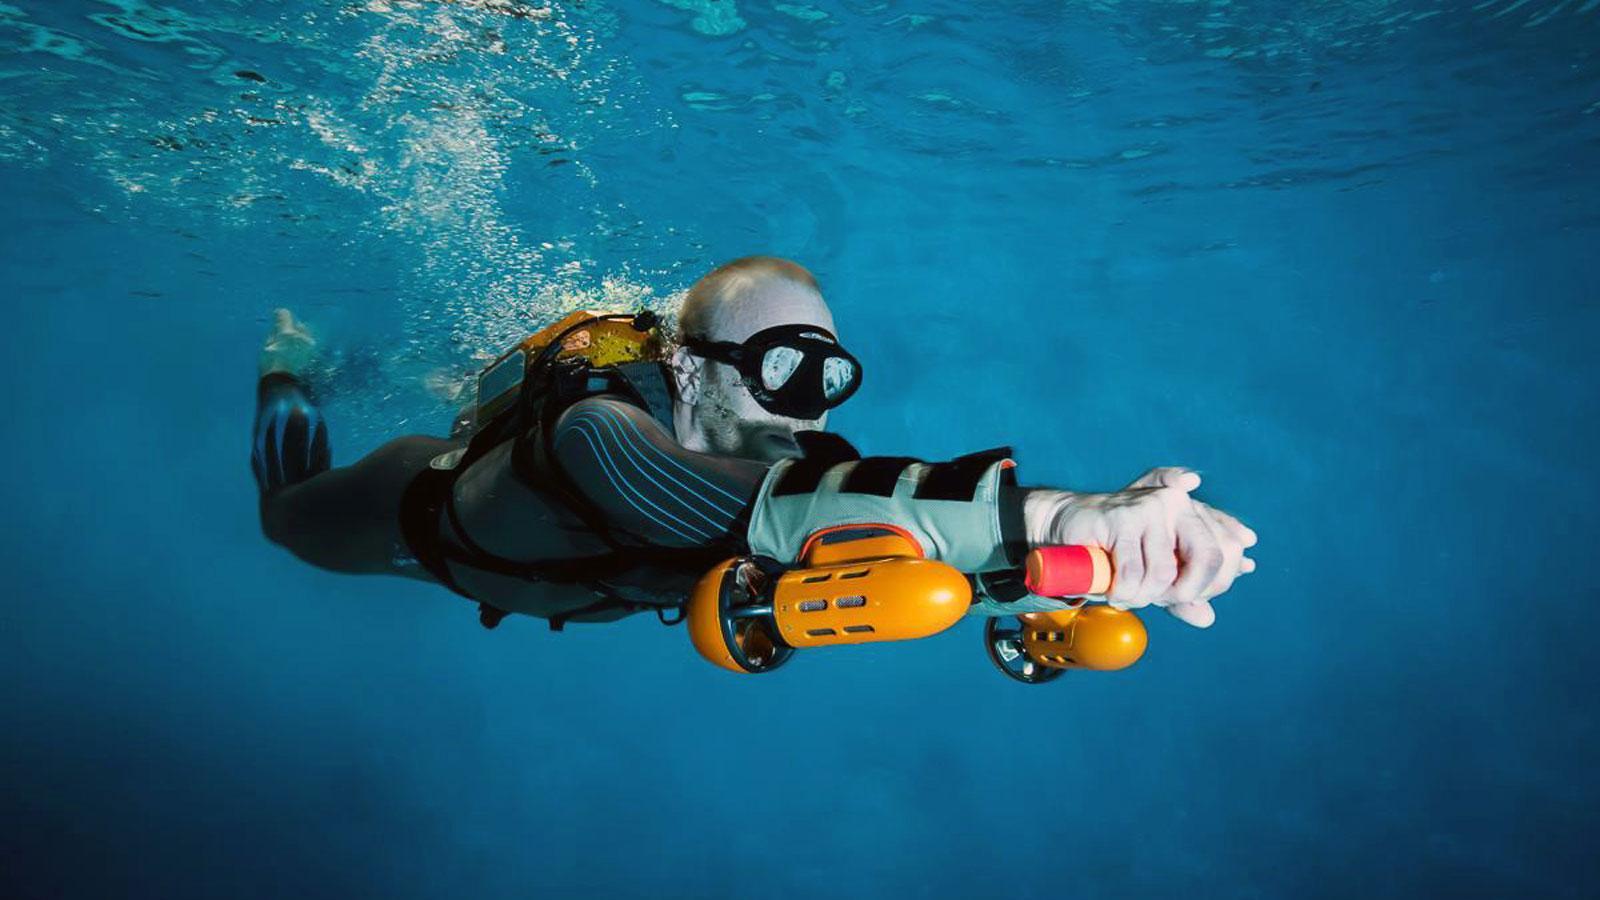 Ein Bild, das Wasser, schwimmend, Sport, Wassersport enthält.  Automatisch generierte Beschreibung